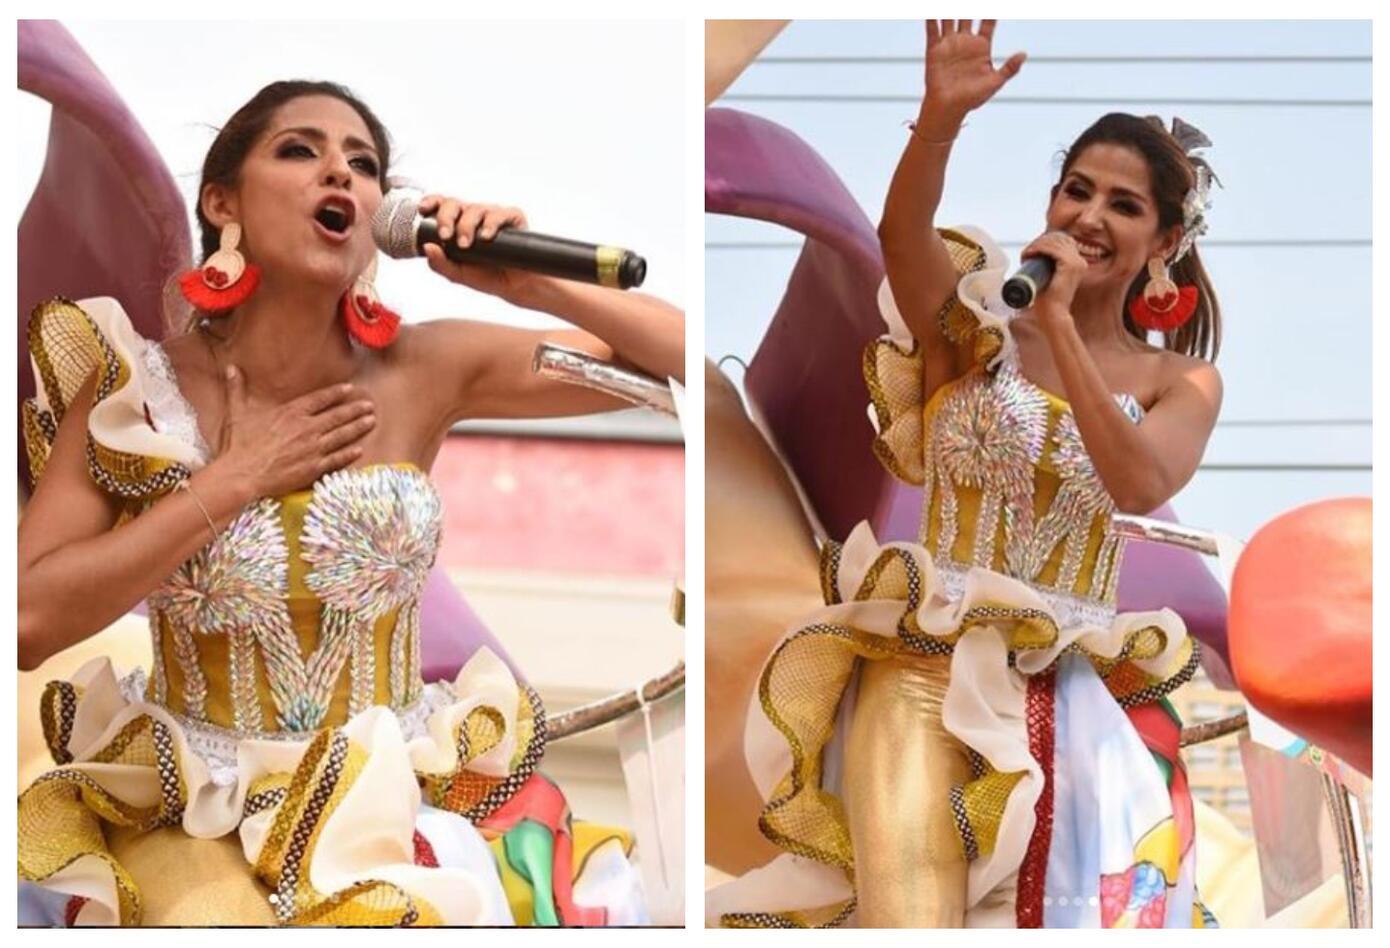 Aida Bossa en el Carnaval de Barranquilla 2019